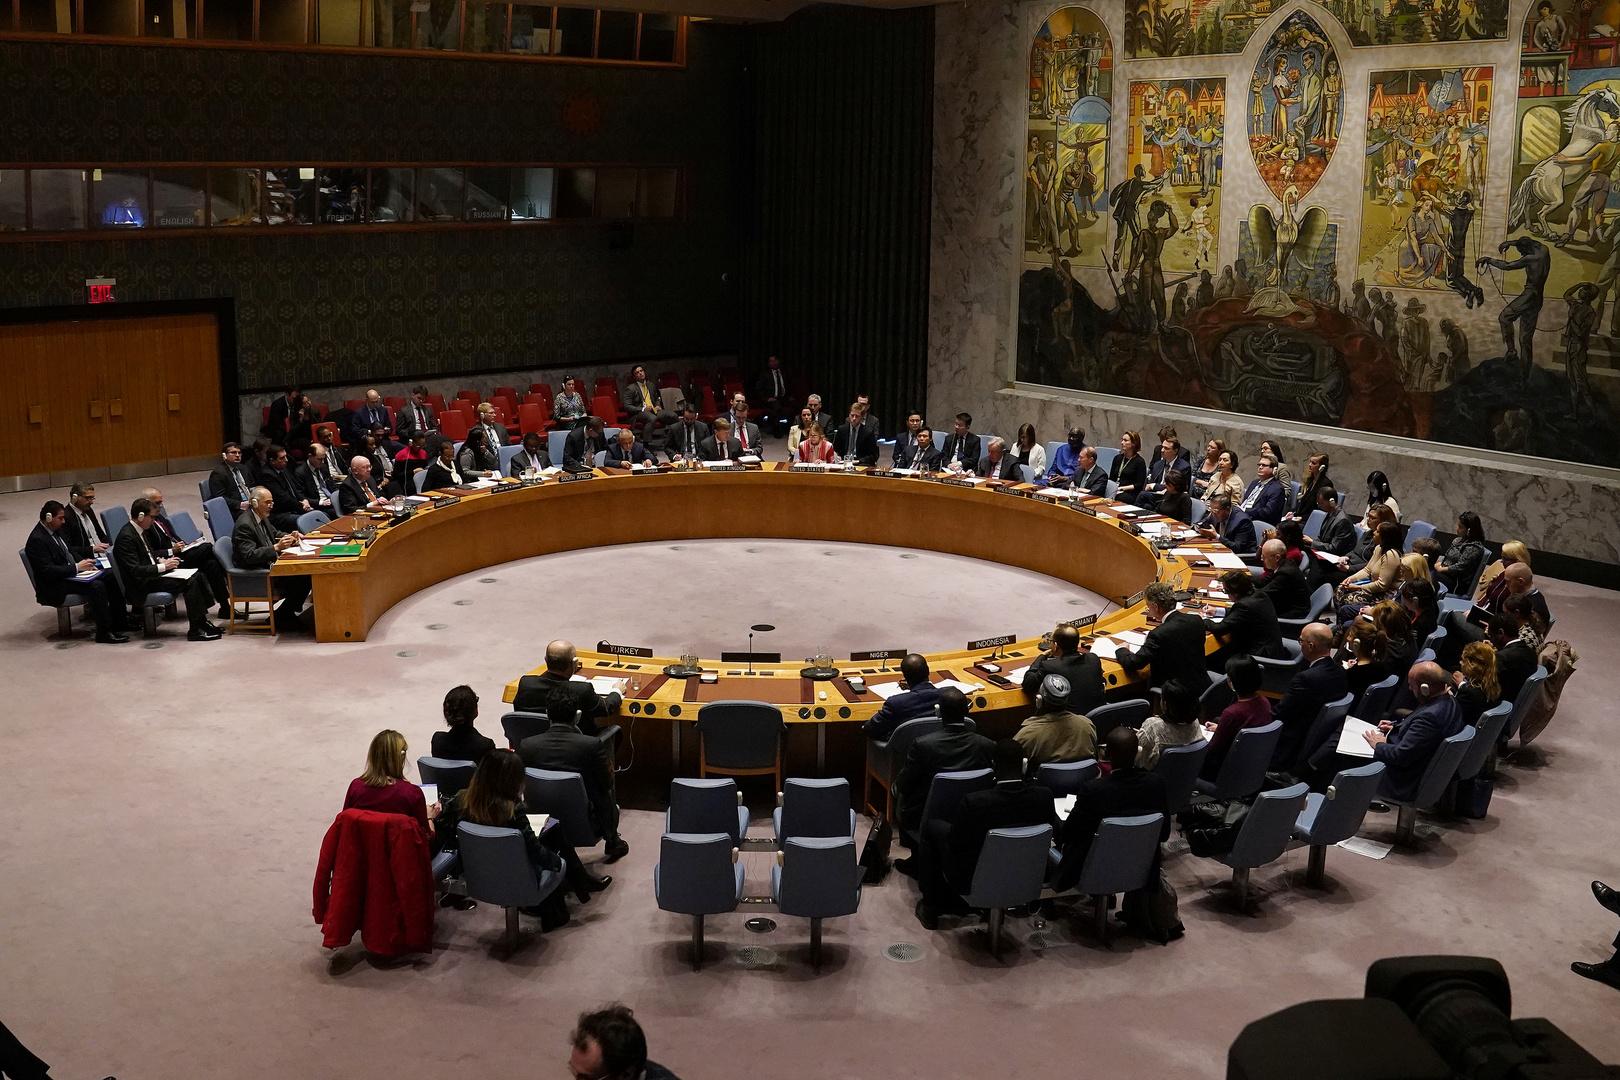 جلسة لمجلس الأمن حول سوريا.